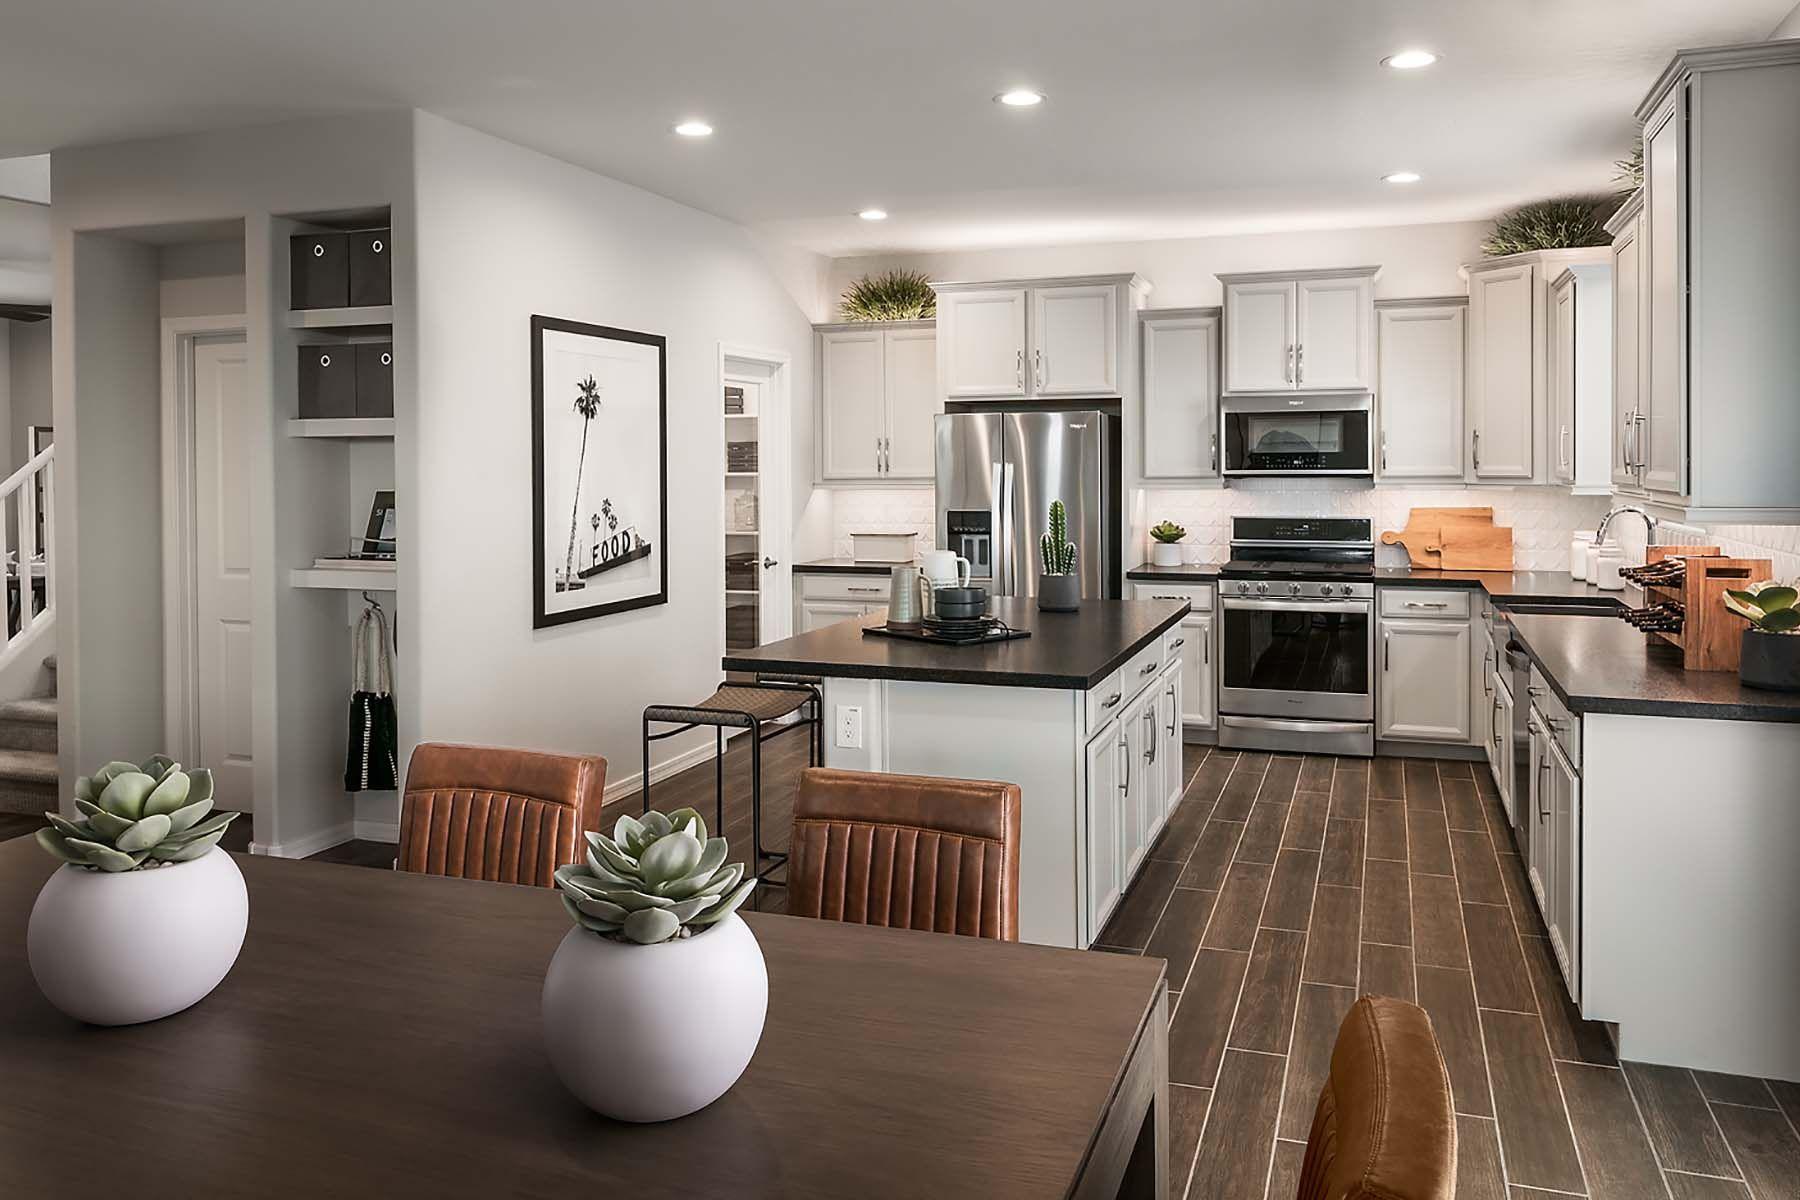 Kitchen featured in the Watson By Mattamy Homes in Phoenix-Mesa, AZ